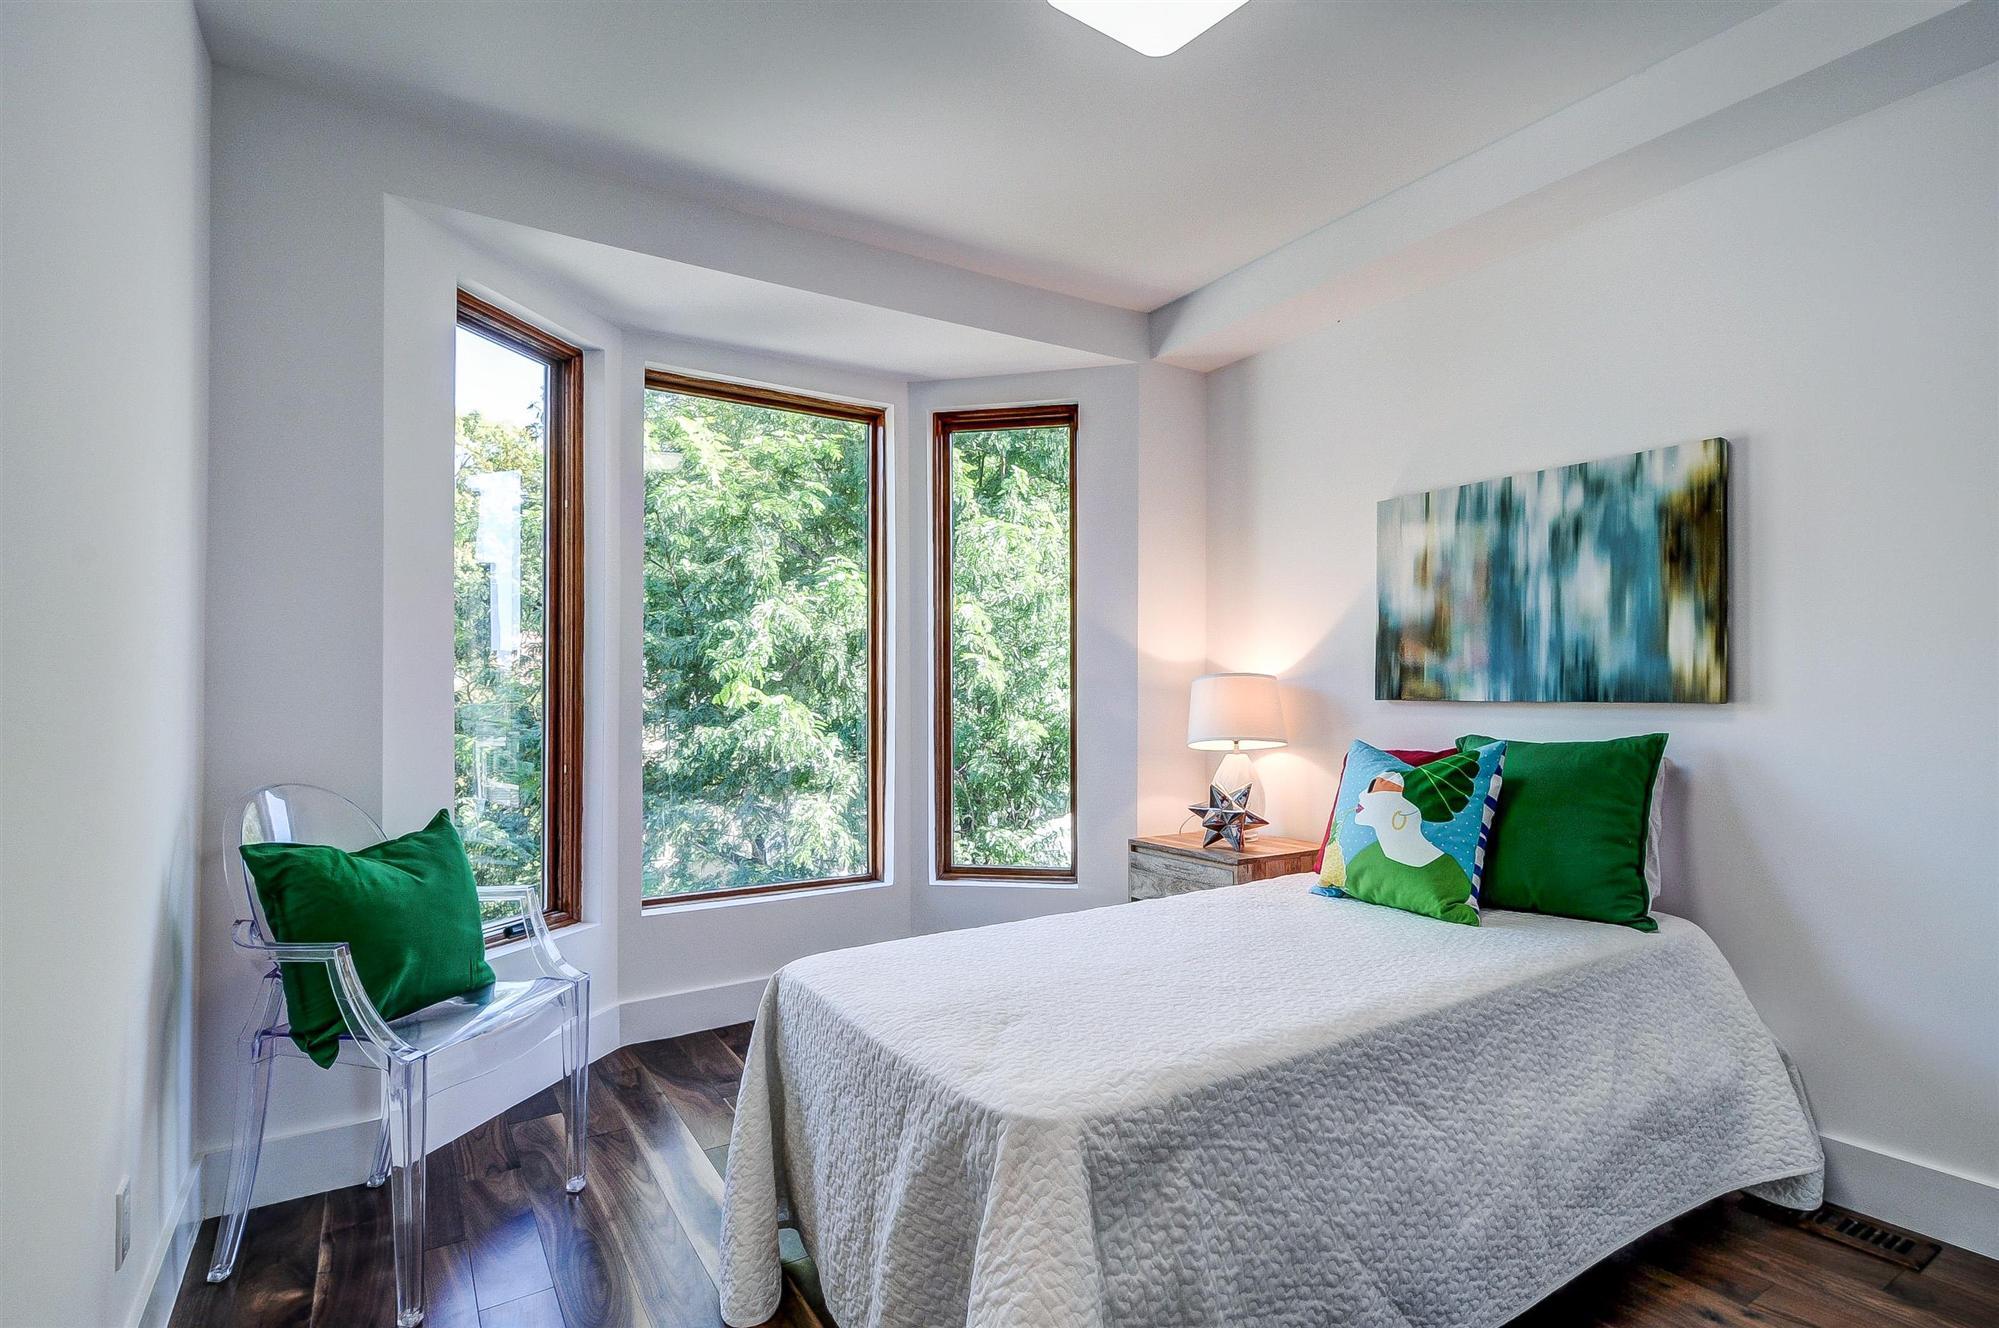 toronto-house-for-sale-32-elmer-avenue-6